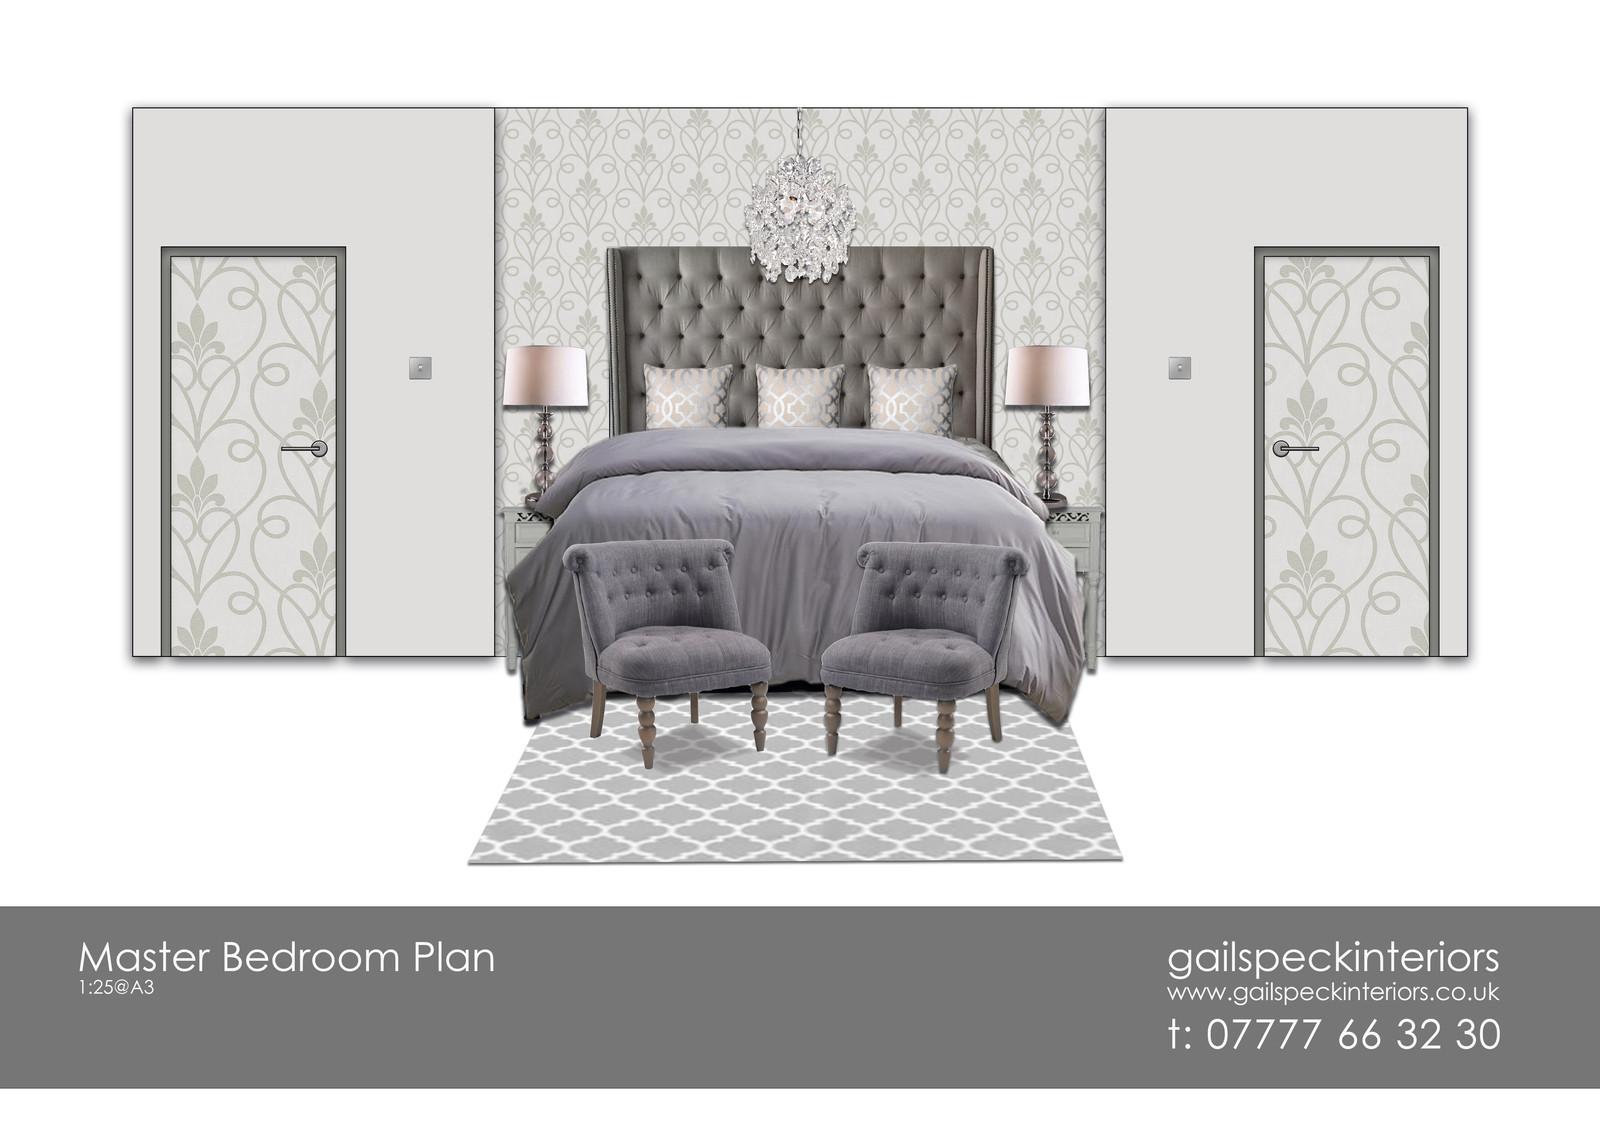 Photoshopped Bedroom Elevation